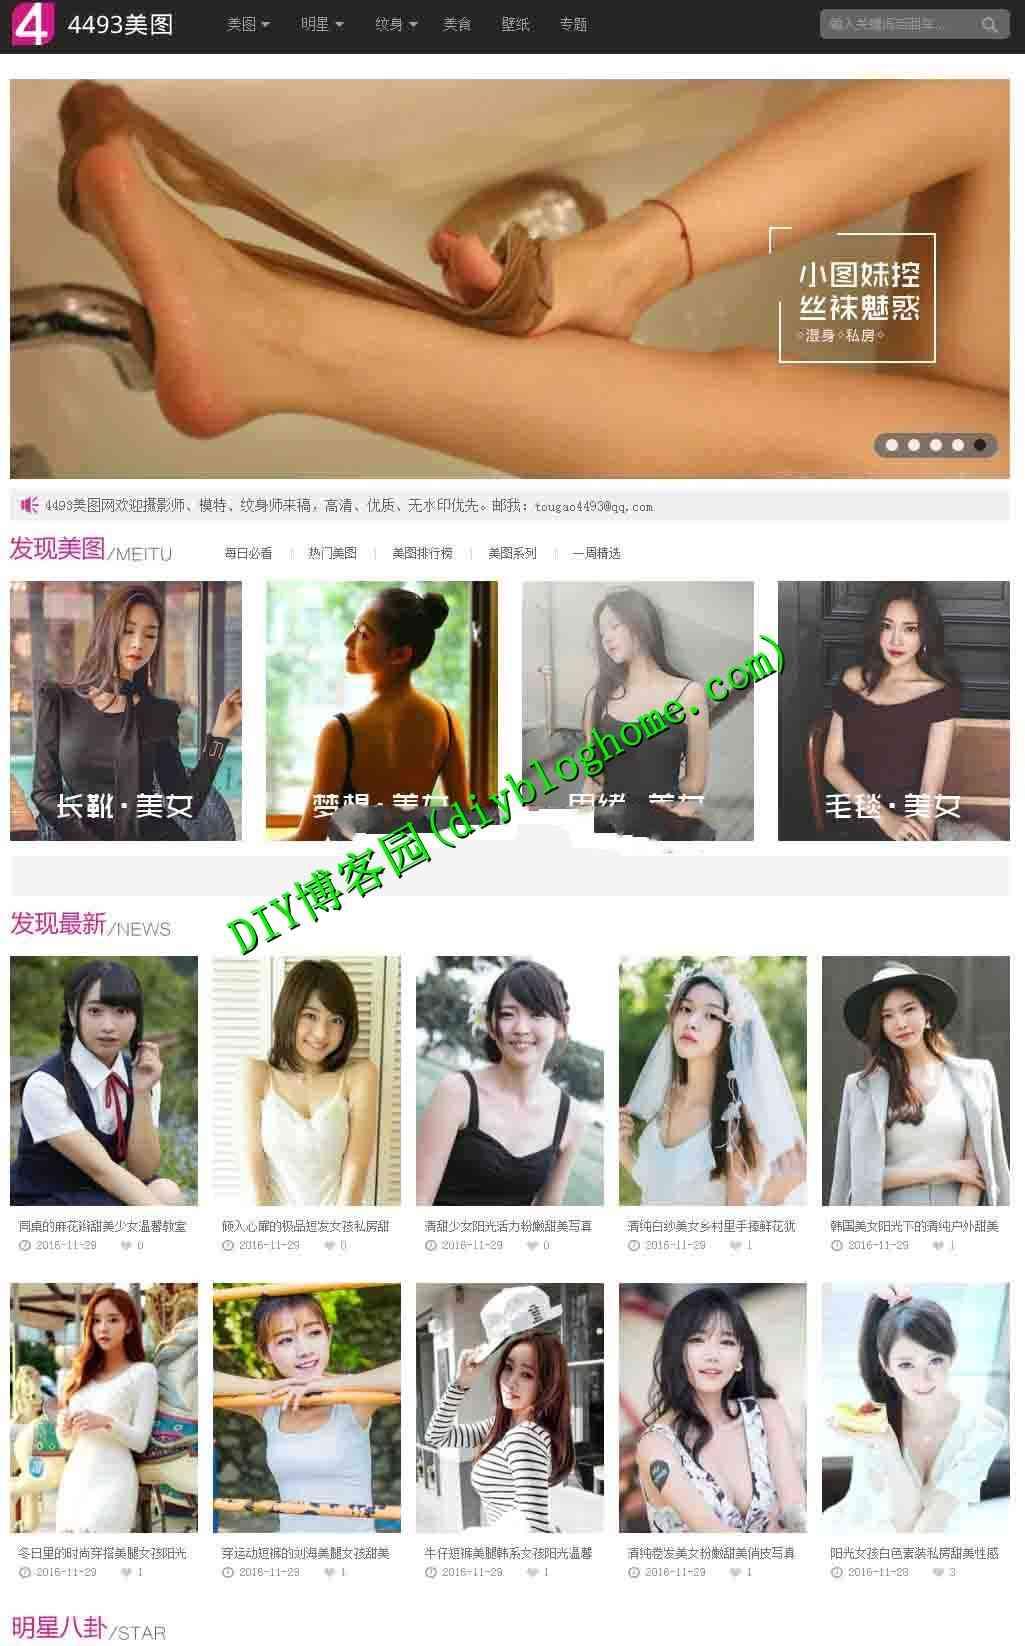 帝国CMS丝袜性感美女图站仿4493美女写真图片网站源码和手机版